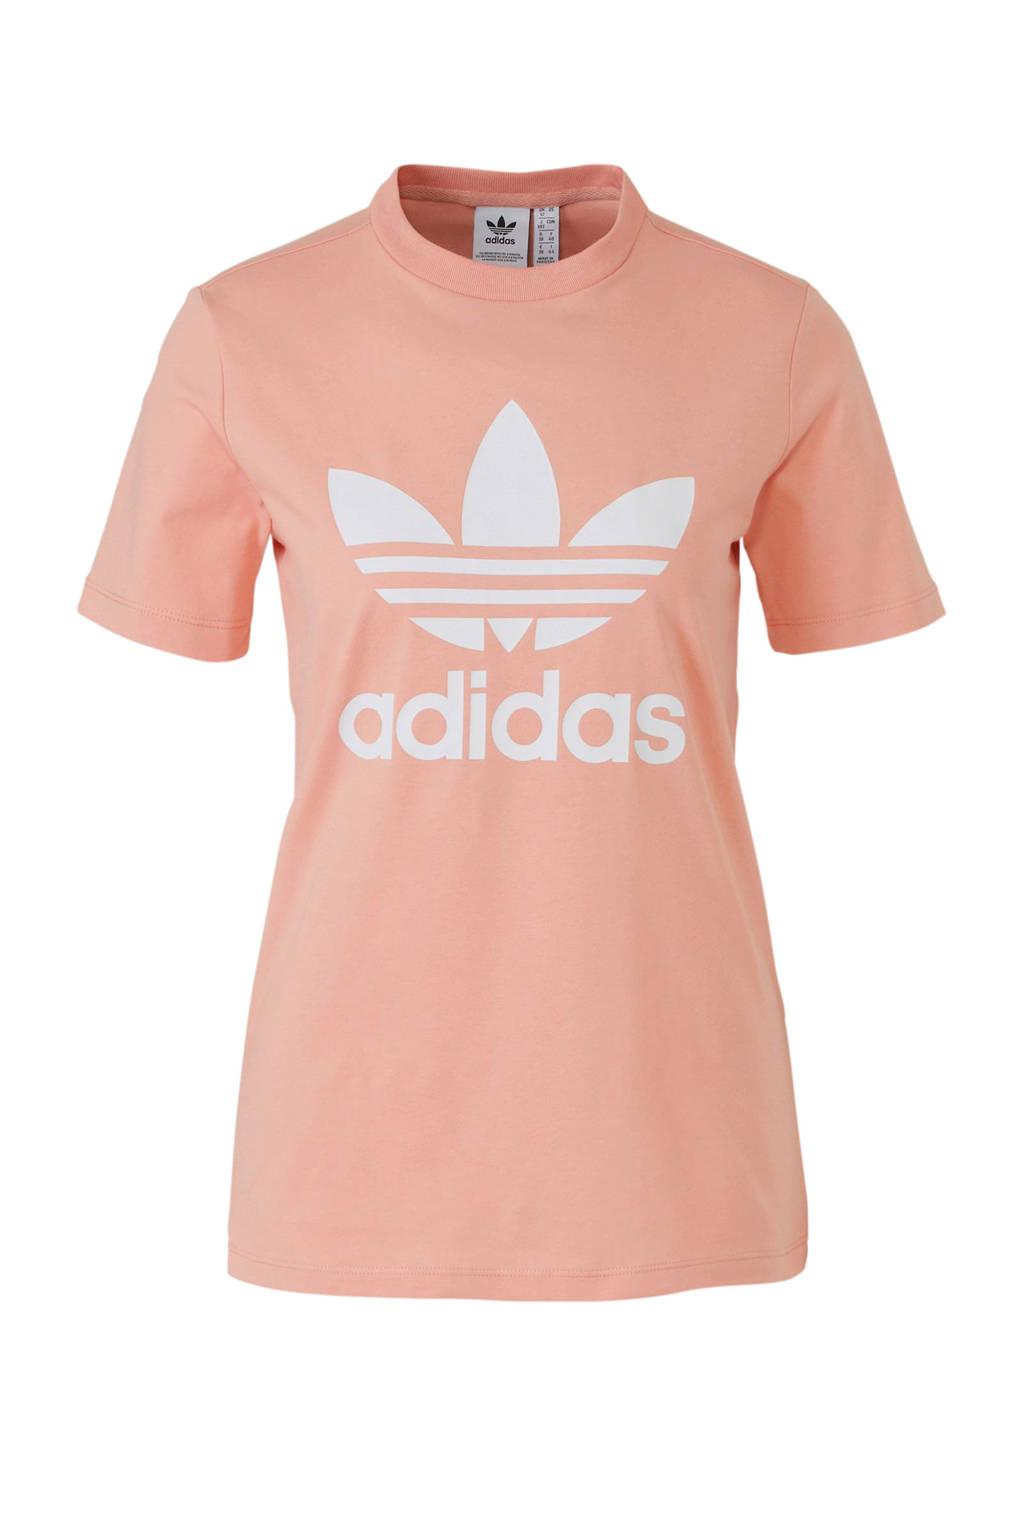 adidas originals T-shirt zalmroze, zalmroze/wit, Dames